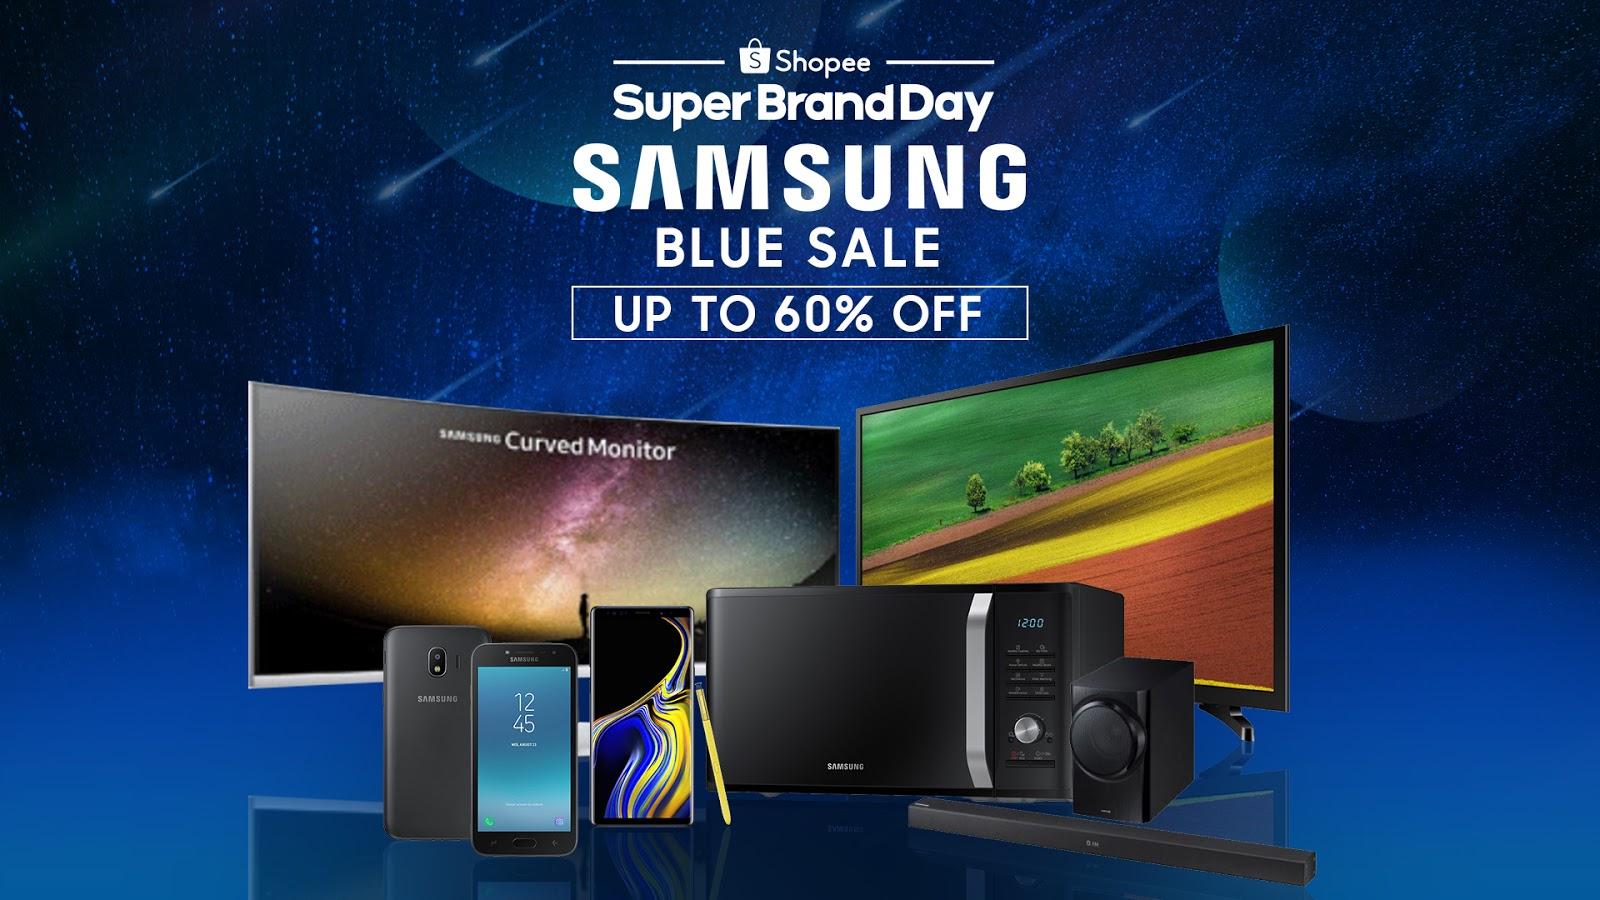 Top 6 Samsung Blue Sale Deals on Shopee #SuperBrandDay